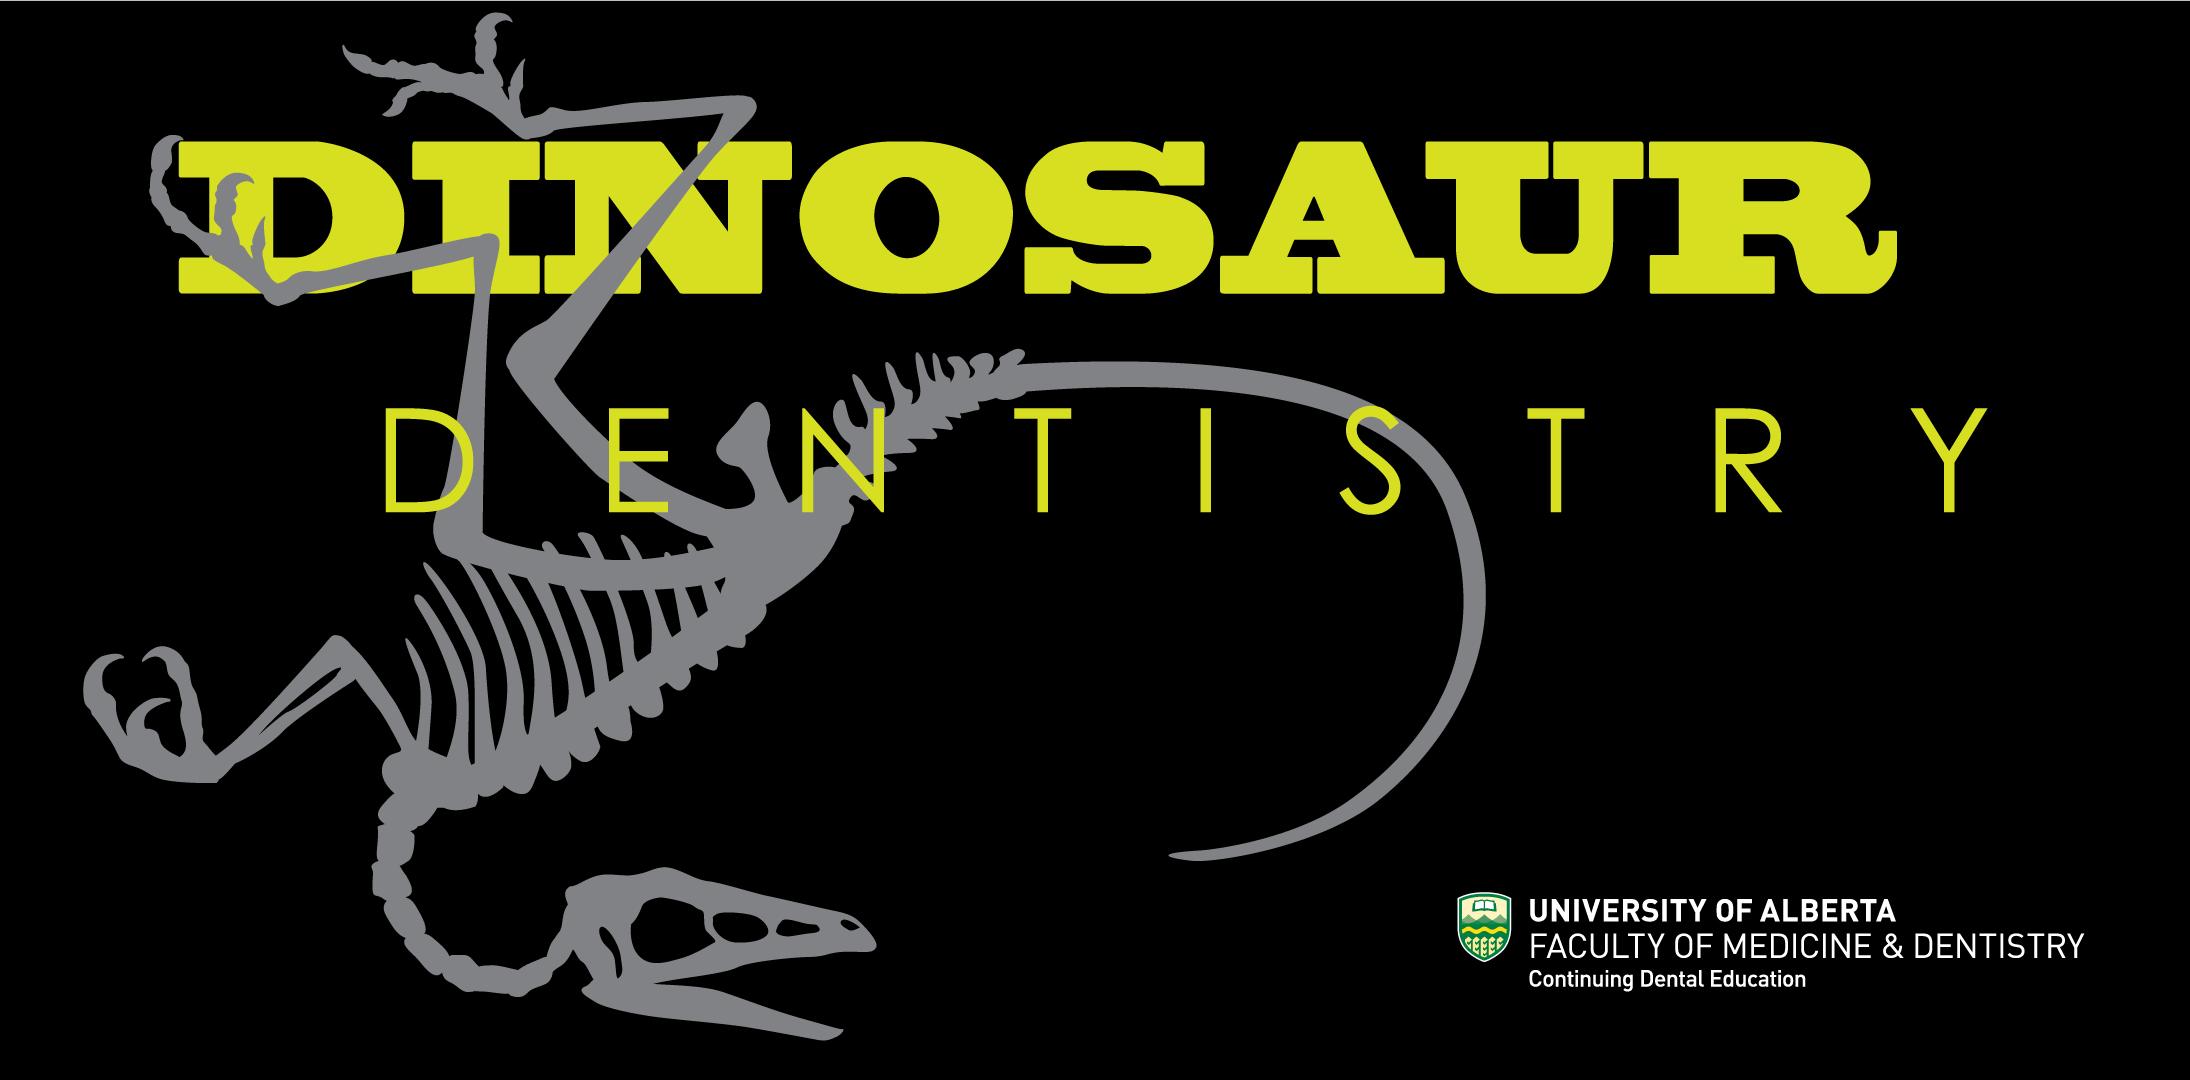 Dinosaur Dentistry